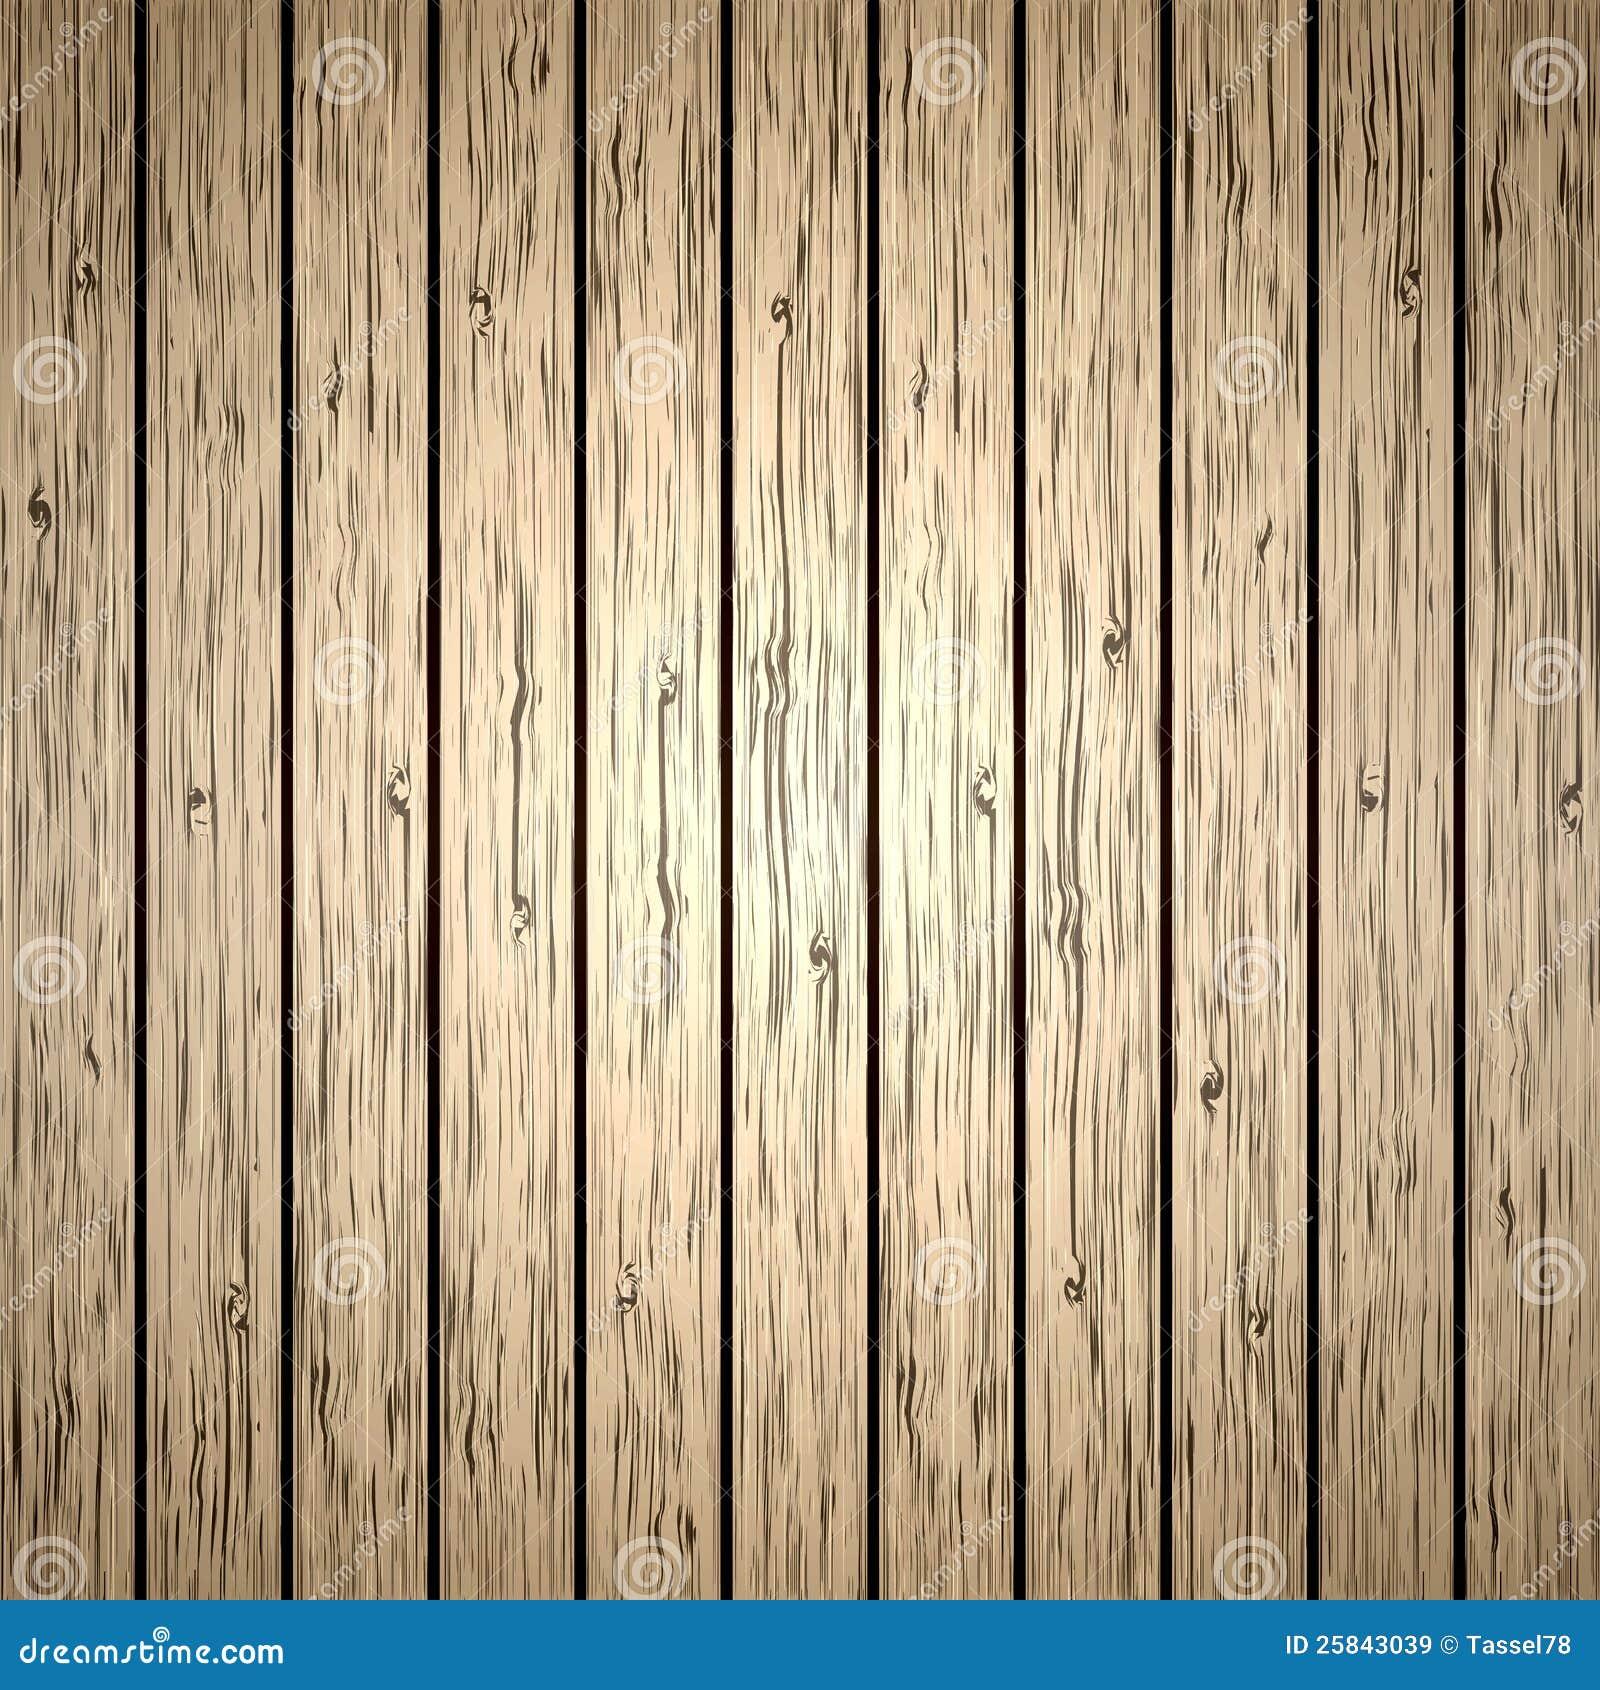 wood background royalty free - photo #36